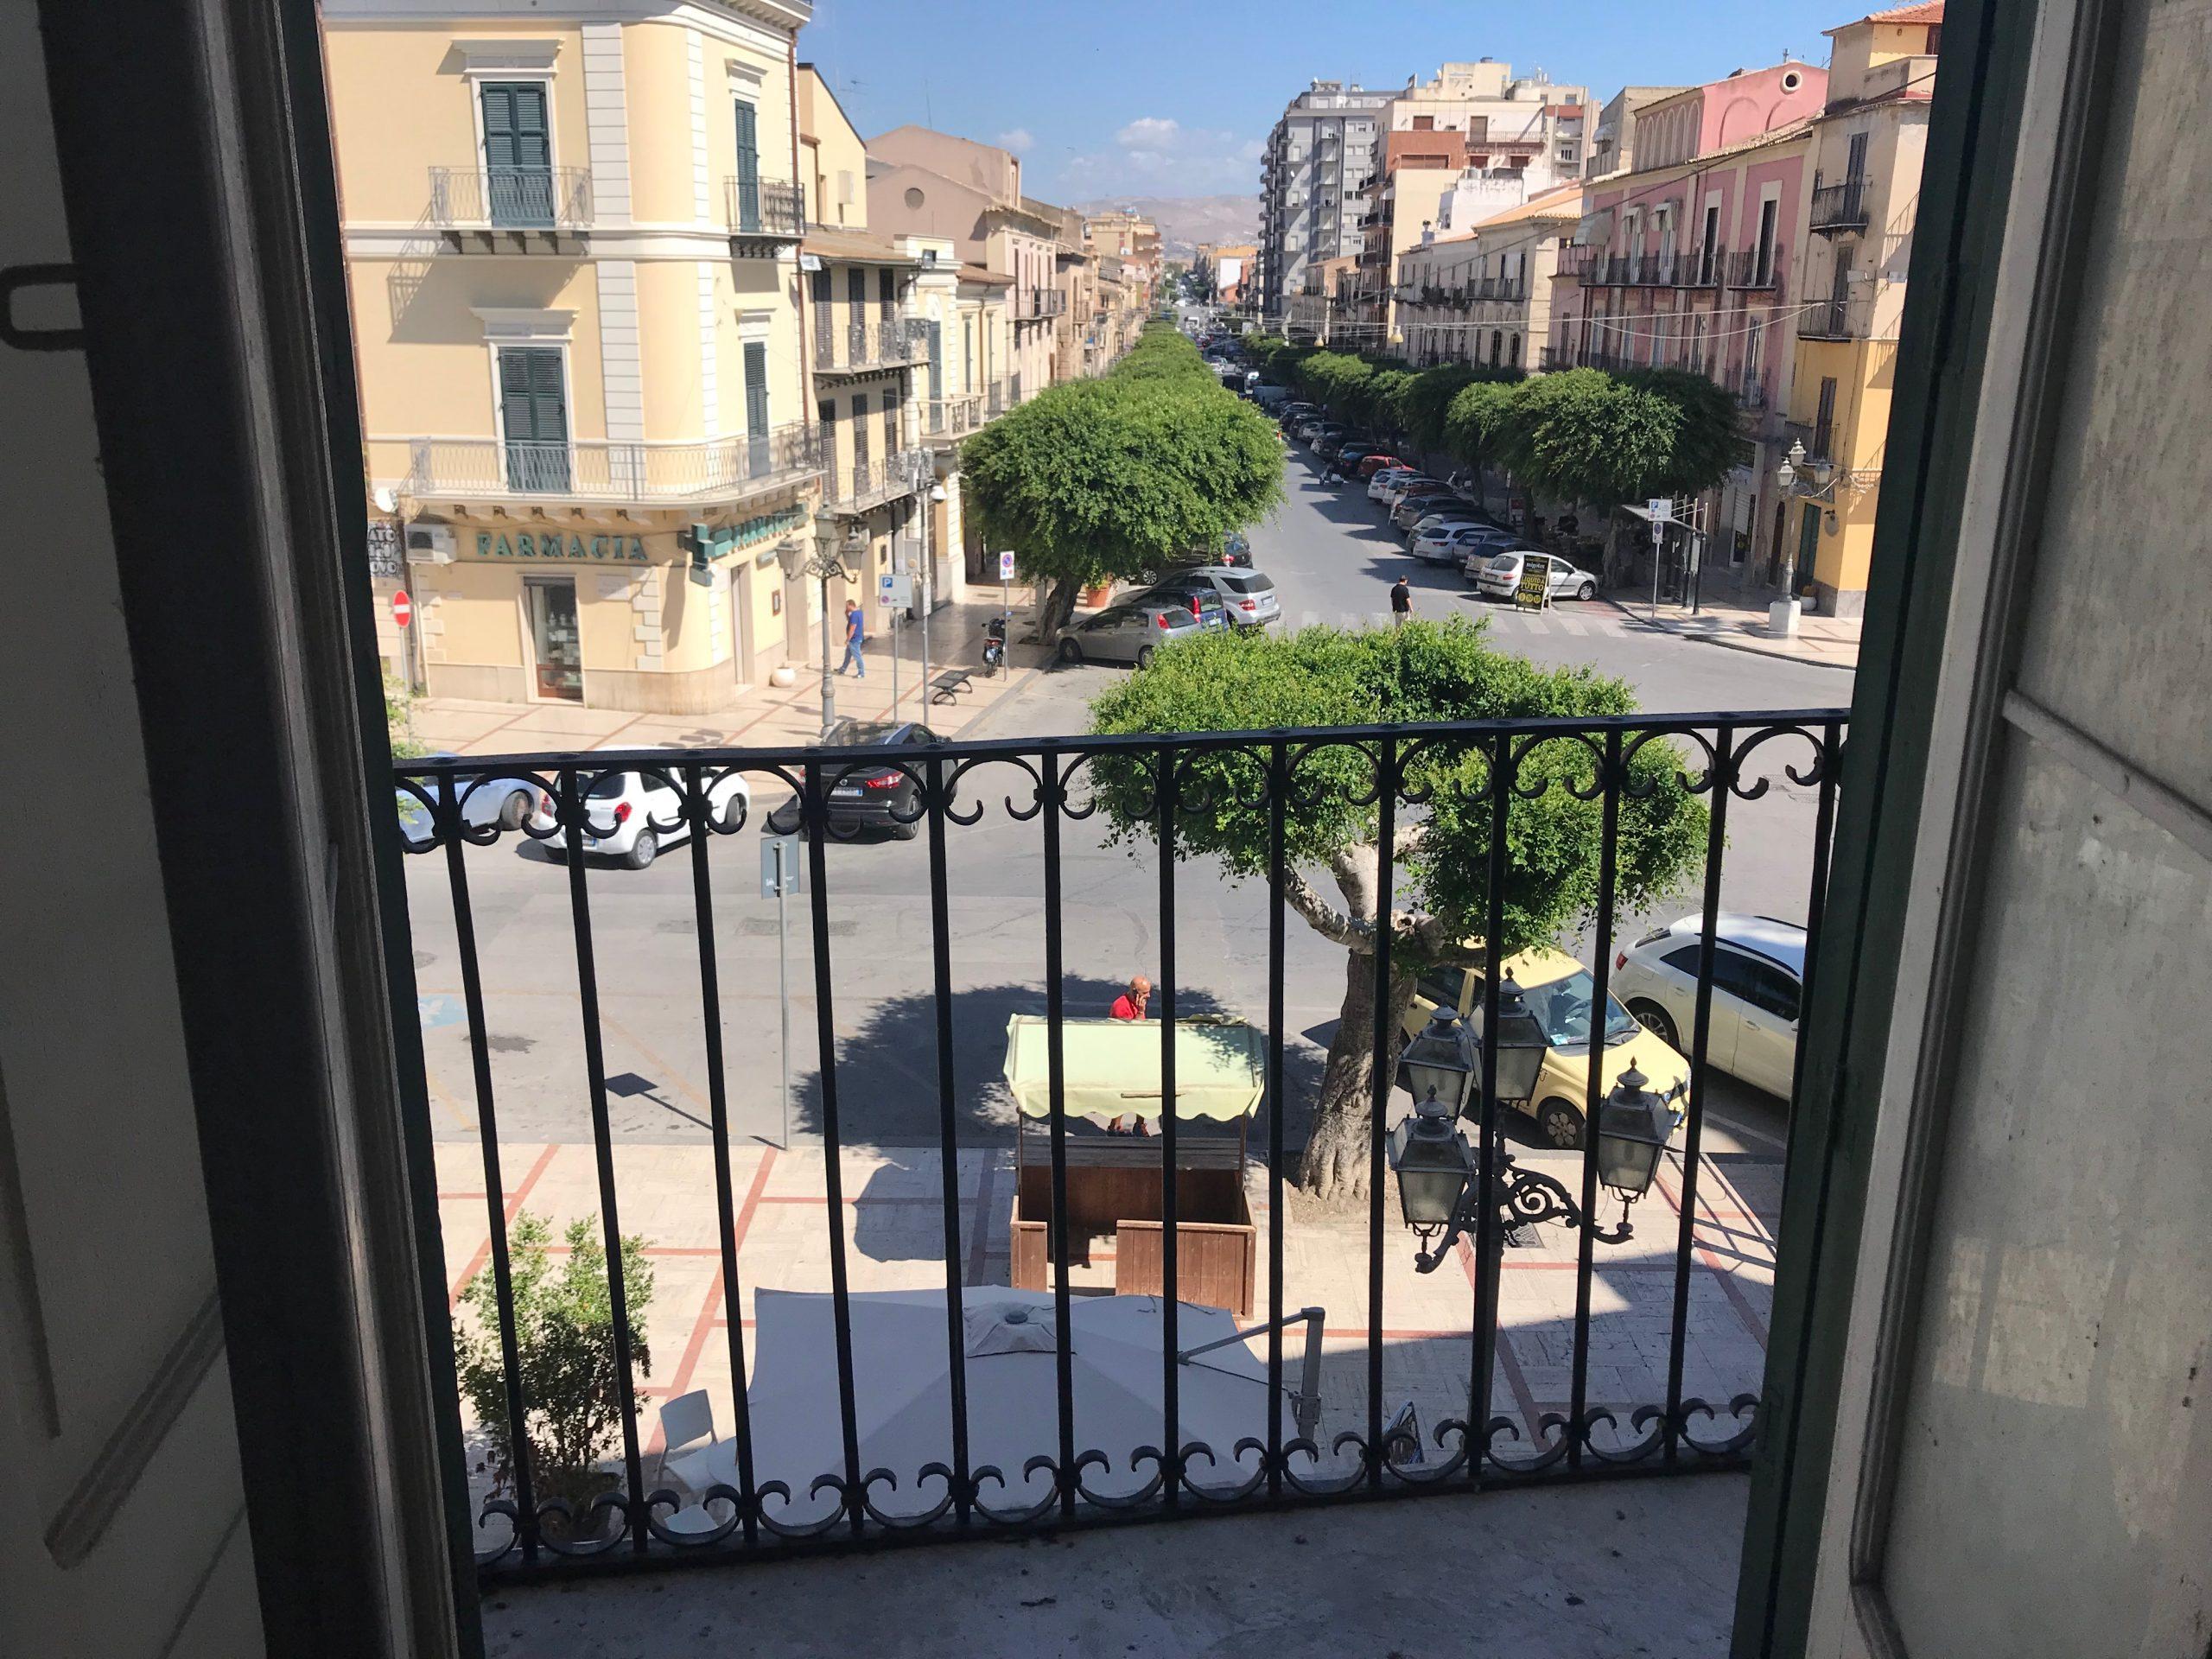 Prestigioso appartamento di piazza progresso accanto il palazzo di città – Licata